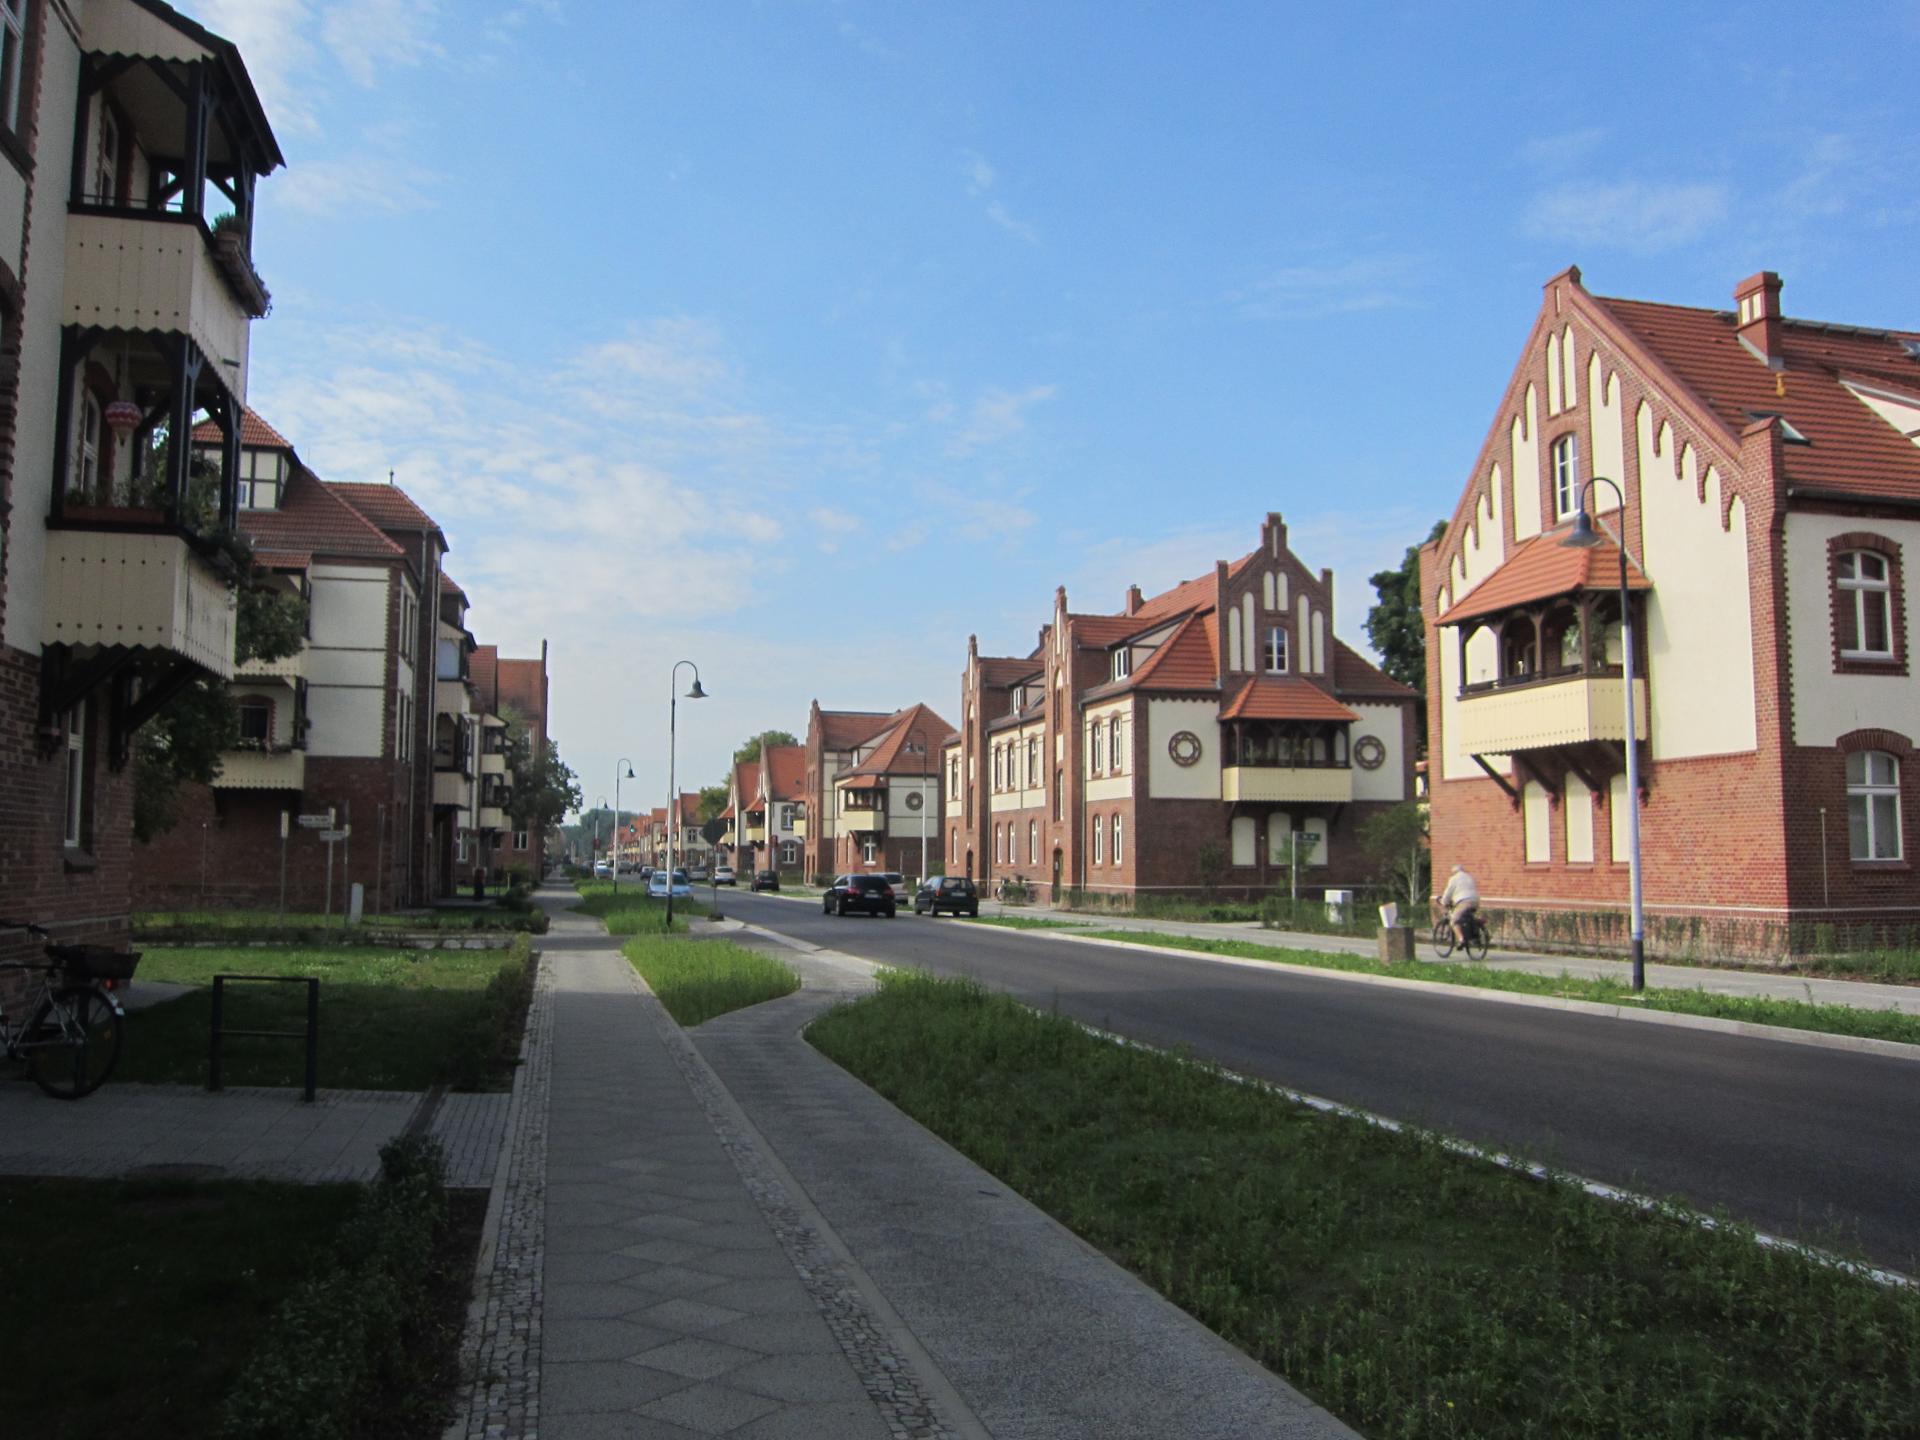 Die Schwartzkopffsiedlung in Wildau. Für die Förderung einer Außenstelle des RKI im Rahmen des Strukturwandels gab es Kritik. Foto: Dörthe Ziemer